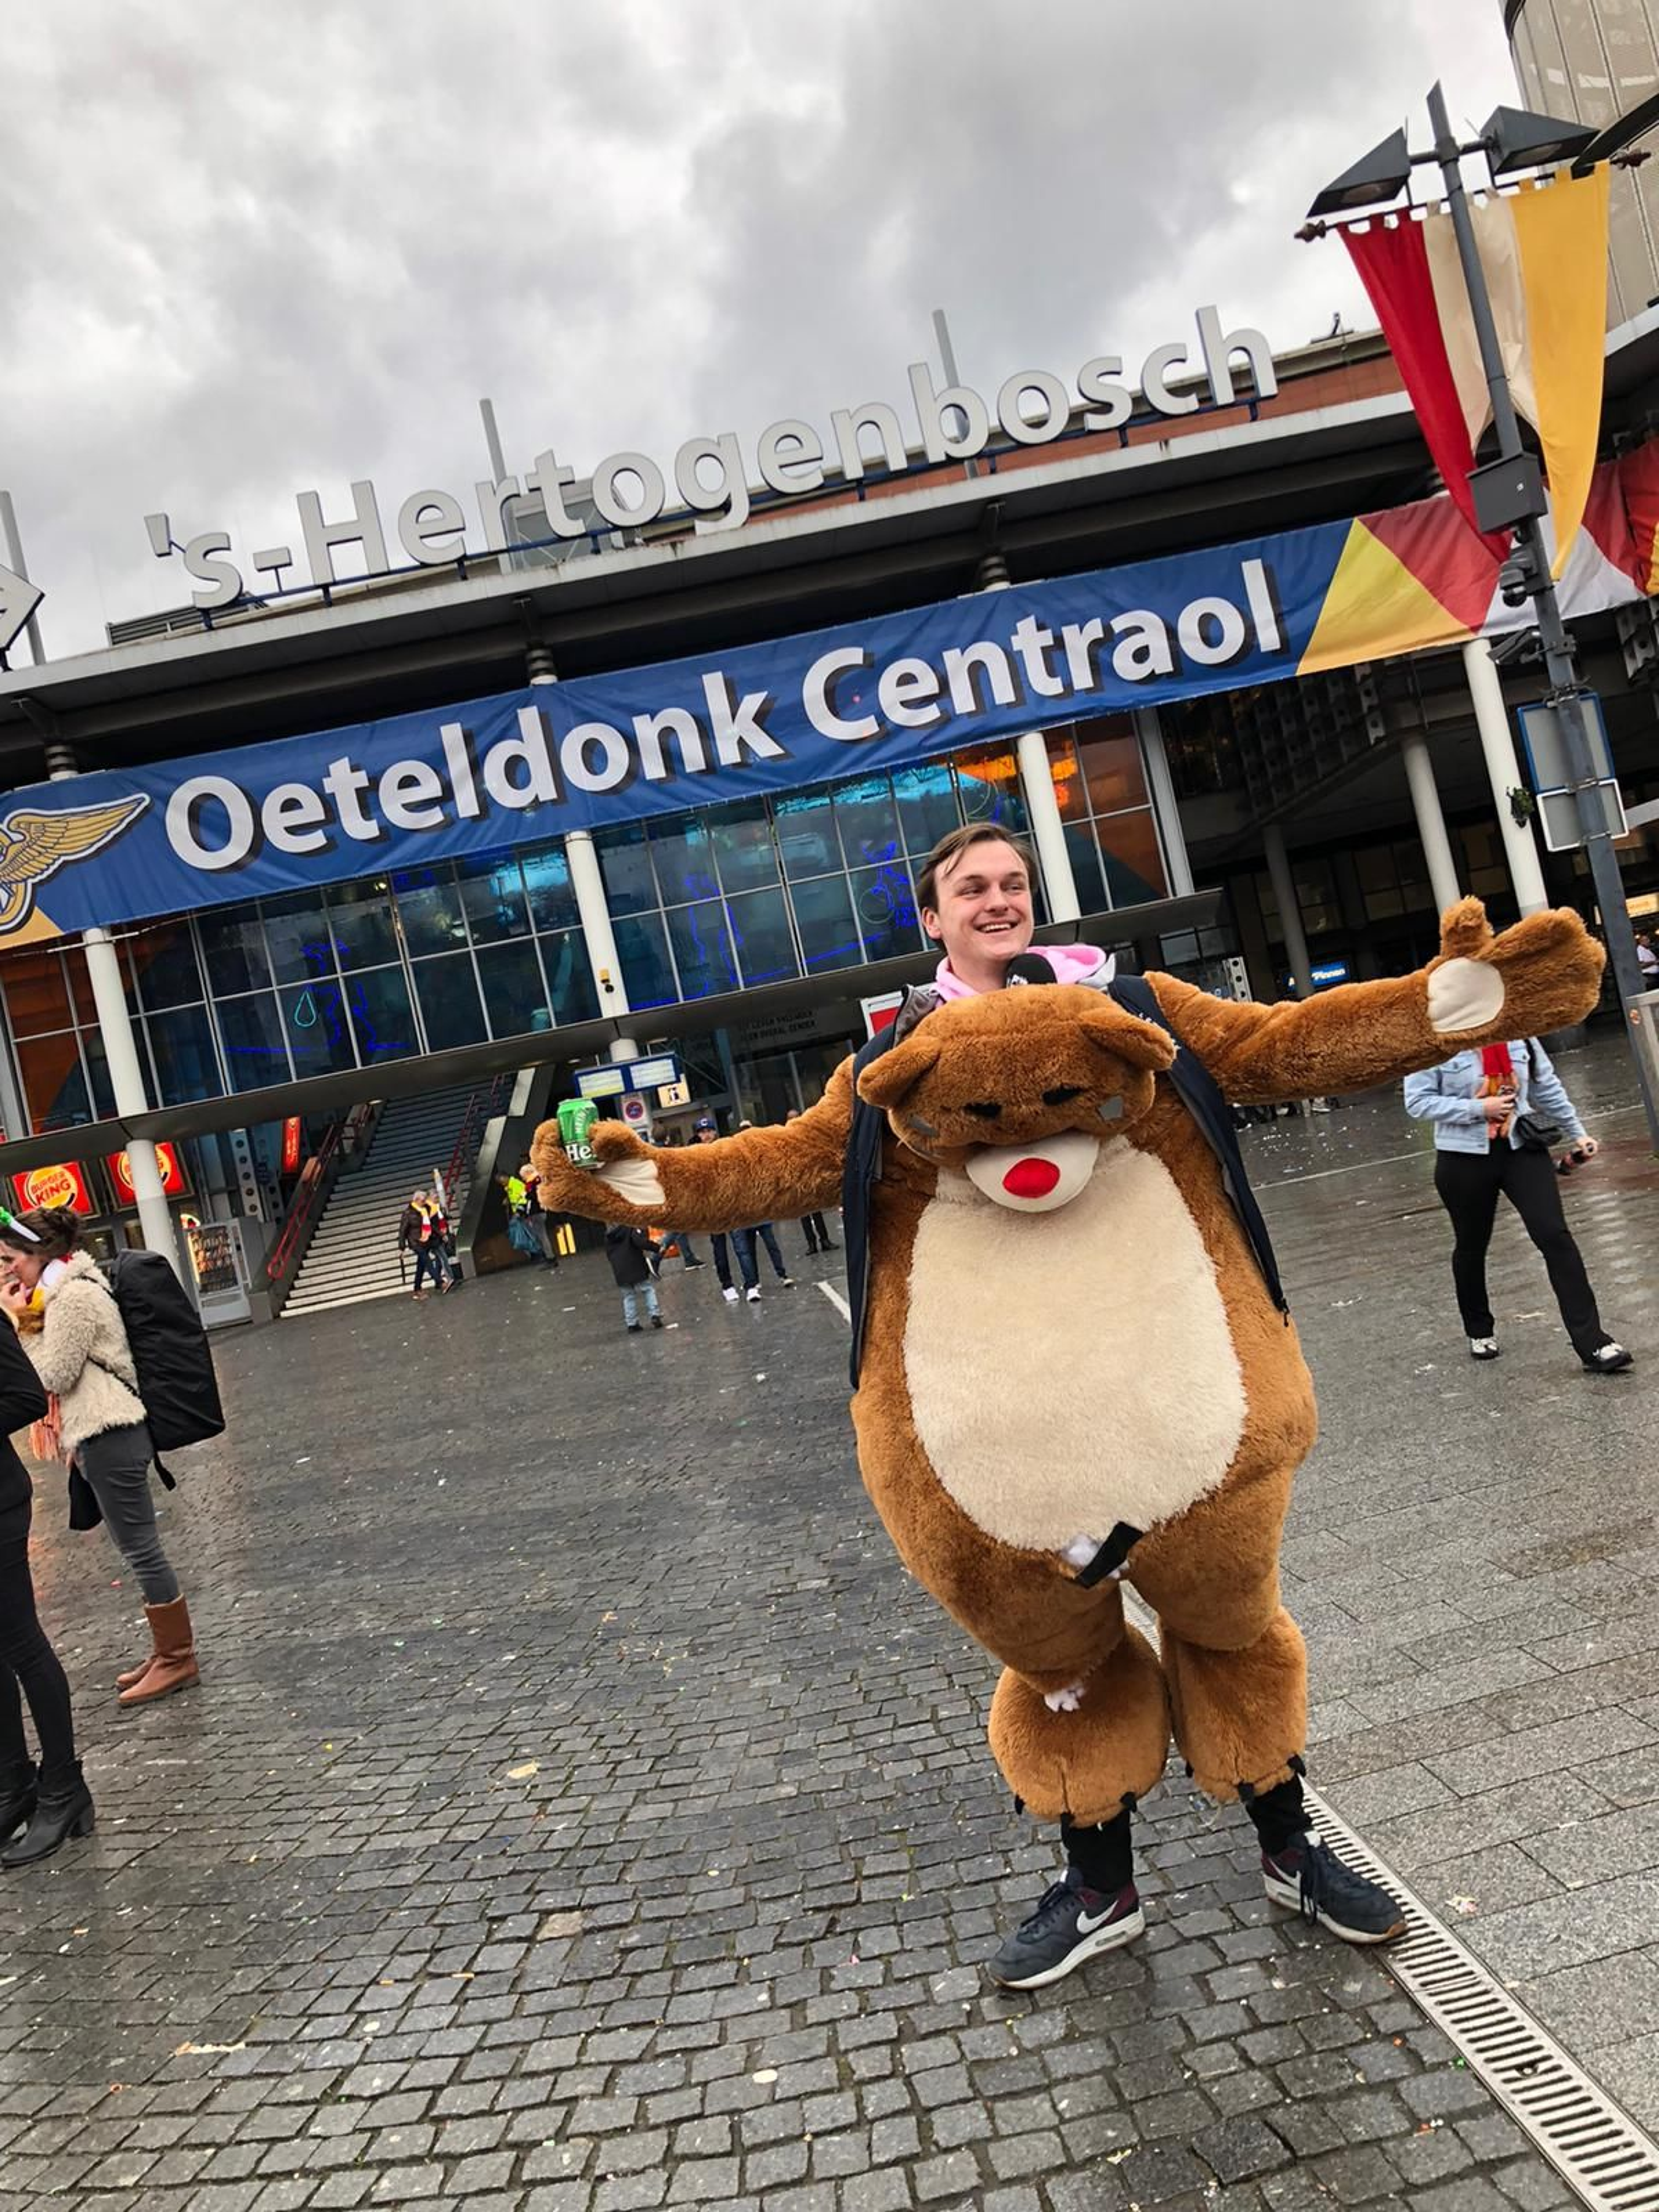 Carnaval in Oeteldonk 3.0!